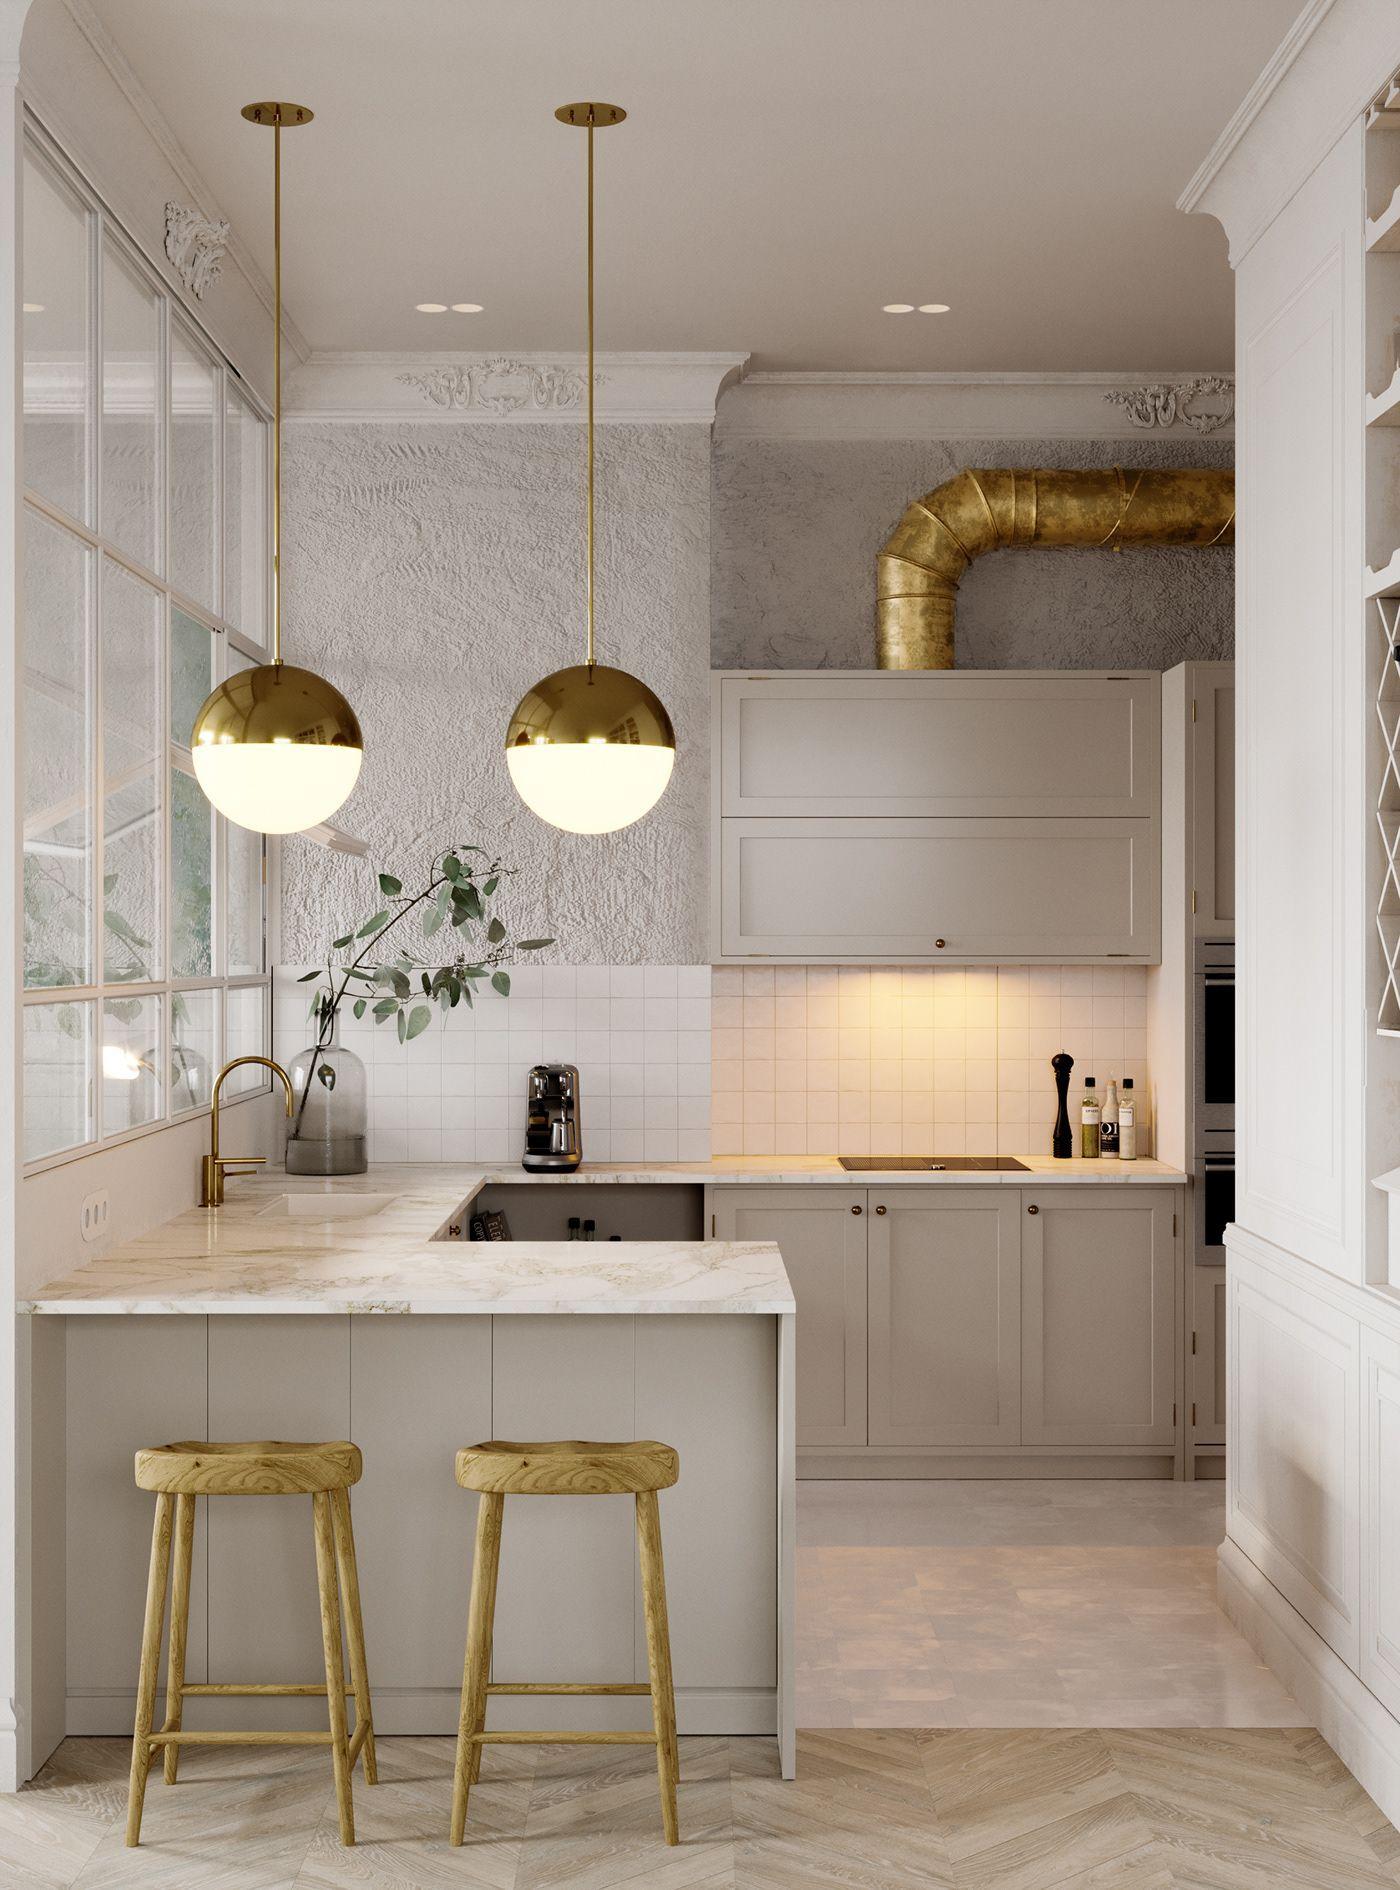 Дизайн кухонной мебели фото 7